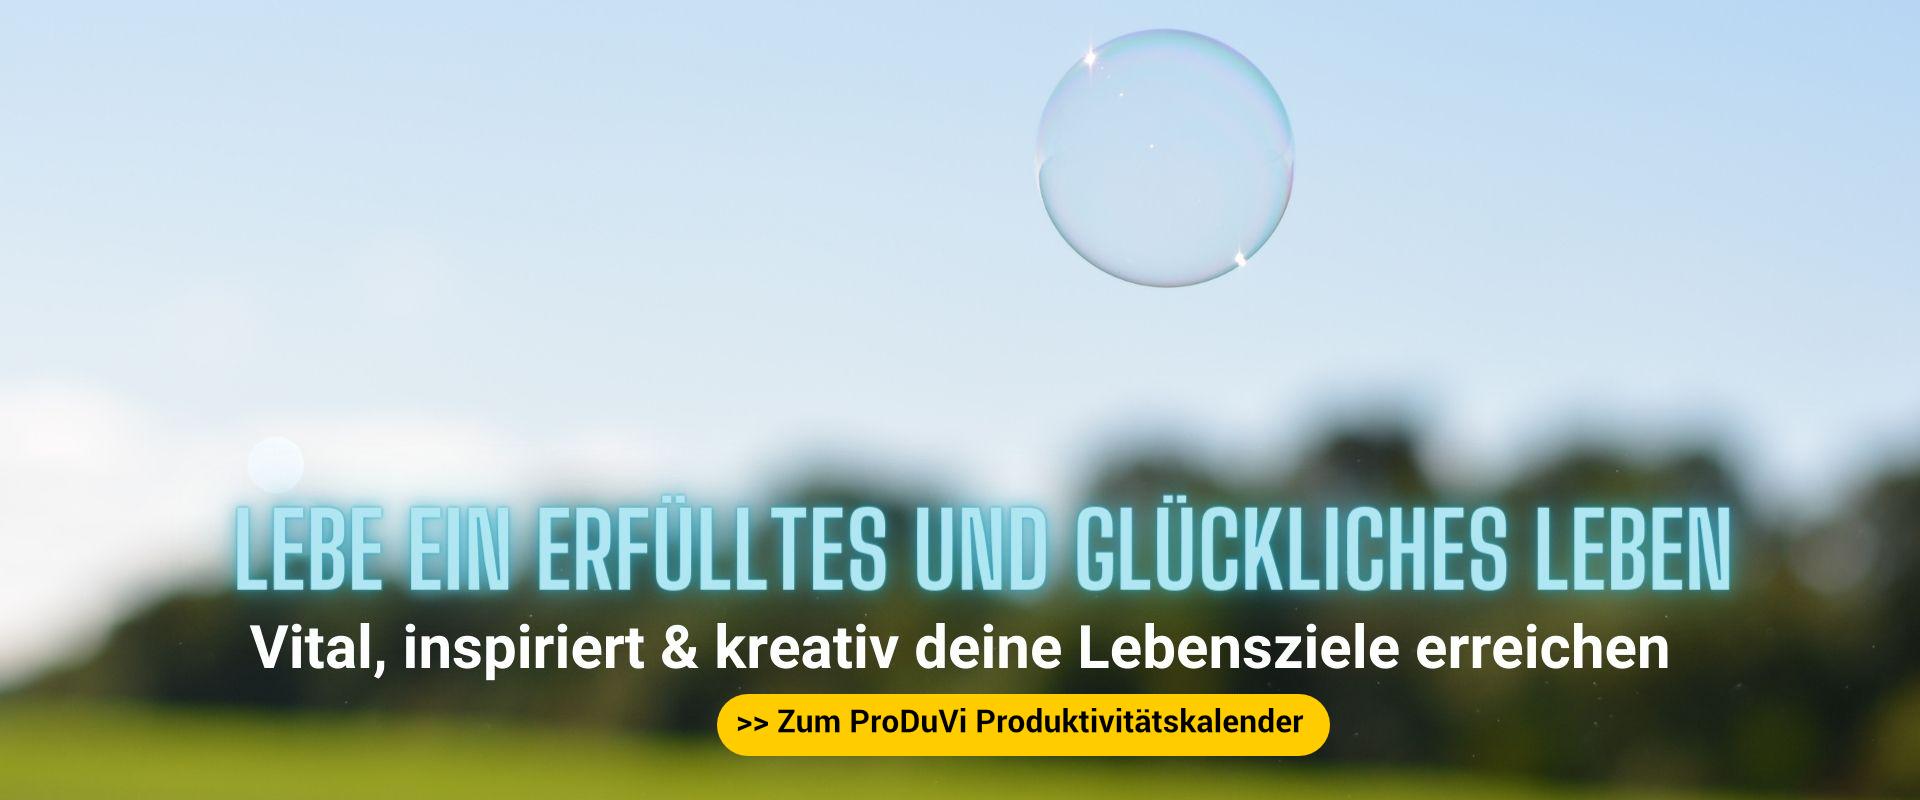 ProDuViProduktivitätskalender.jpg